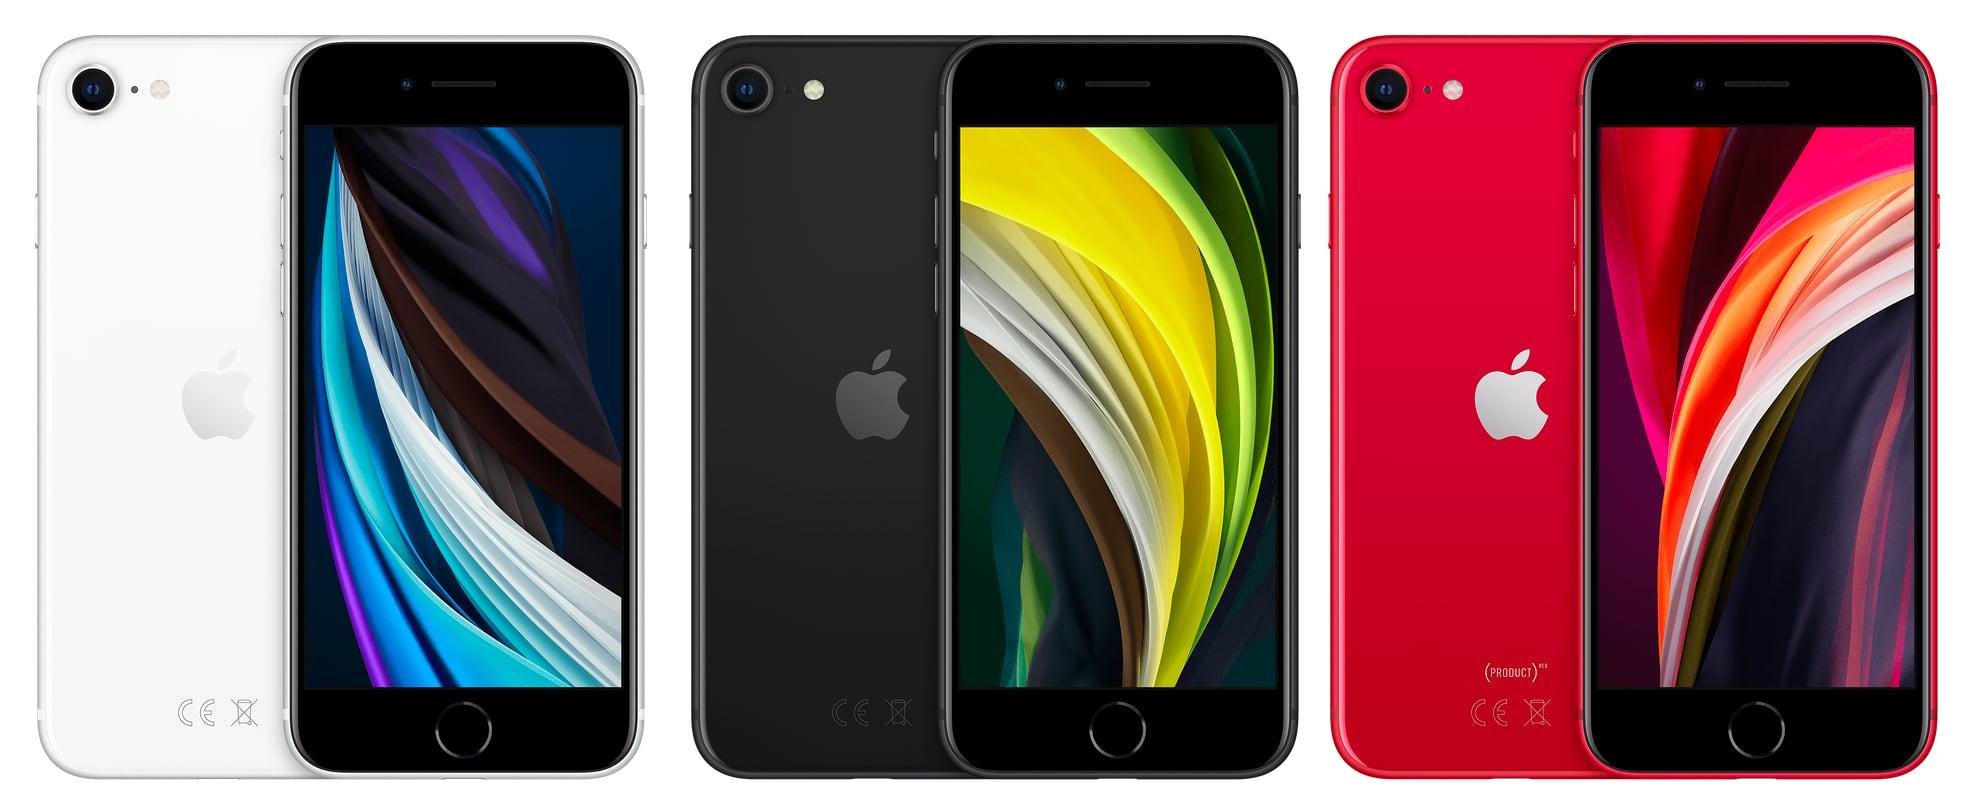 цвета iPhone SE 2020